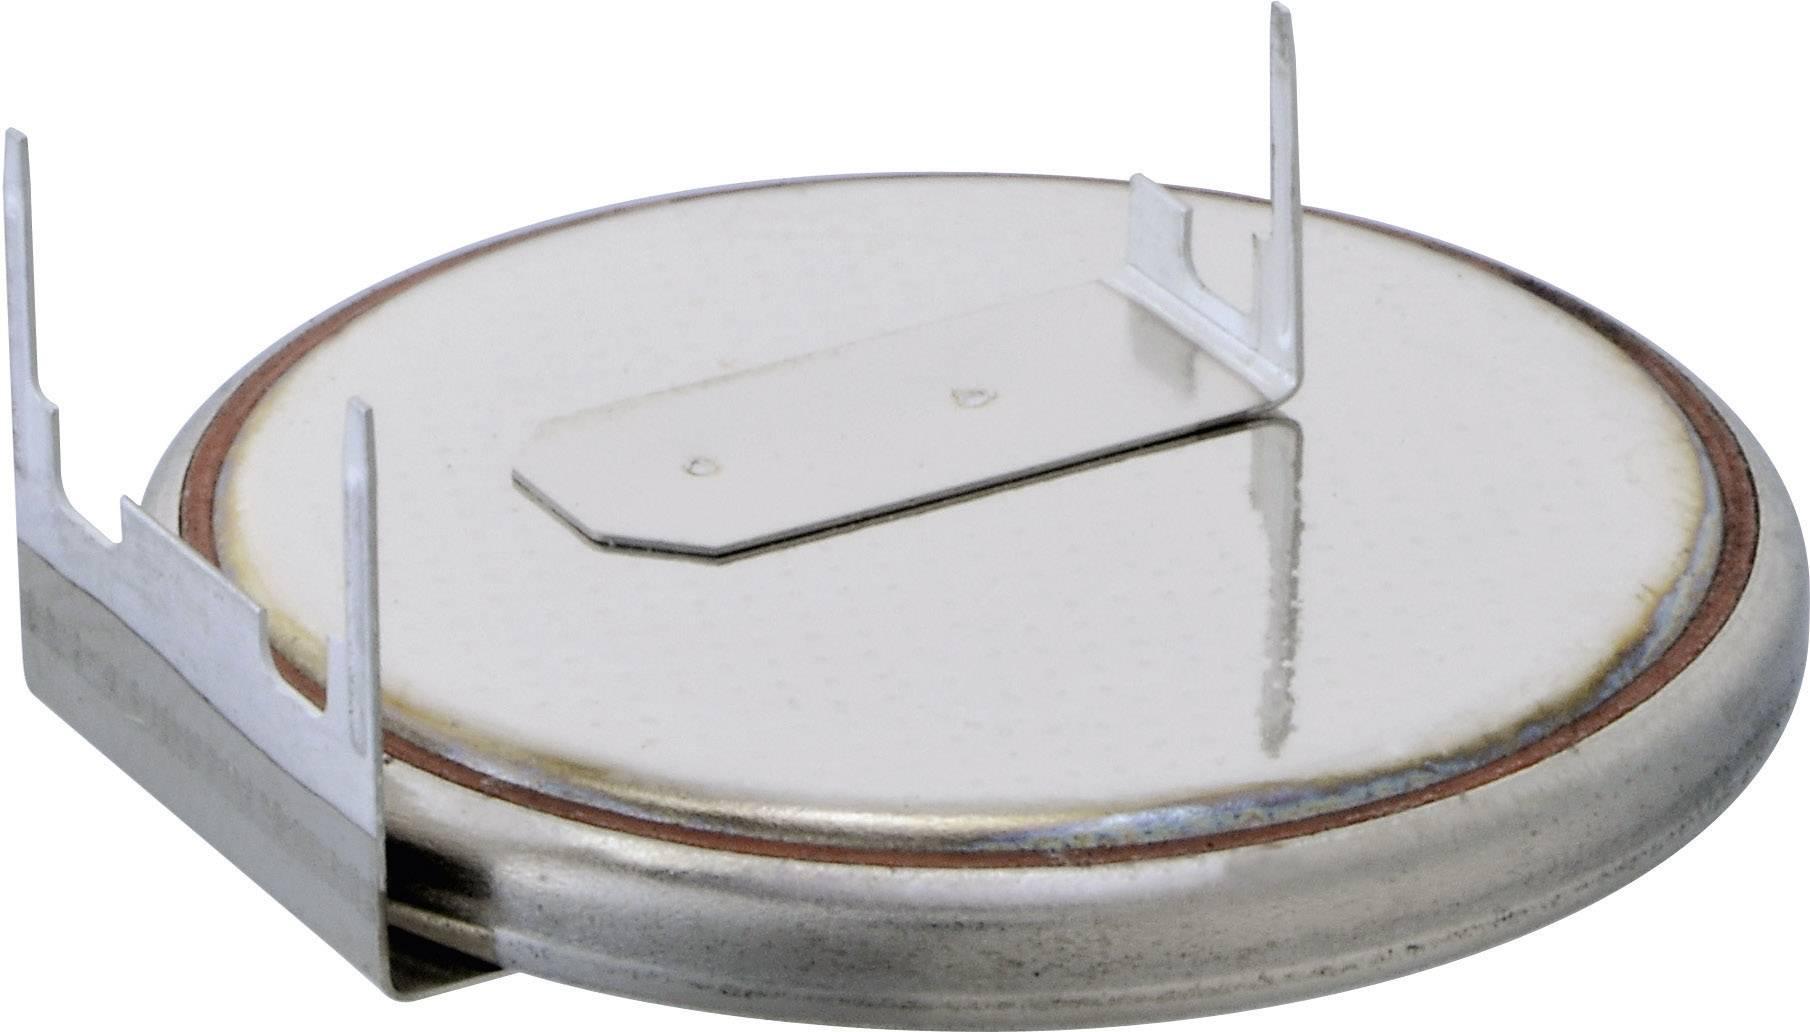 Knoflíková baterie Renata CR2430 RH-LF, s pájecími kontakty